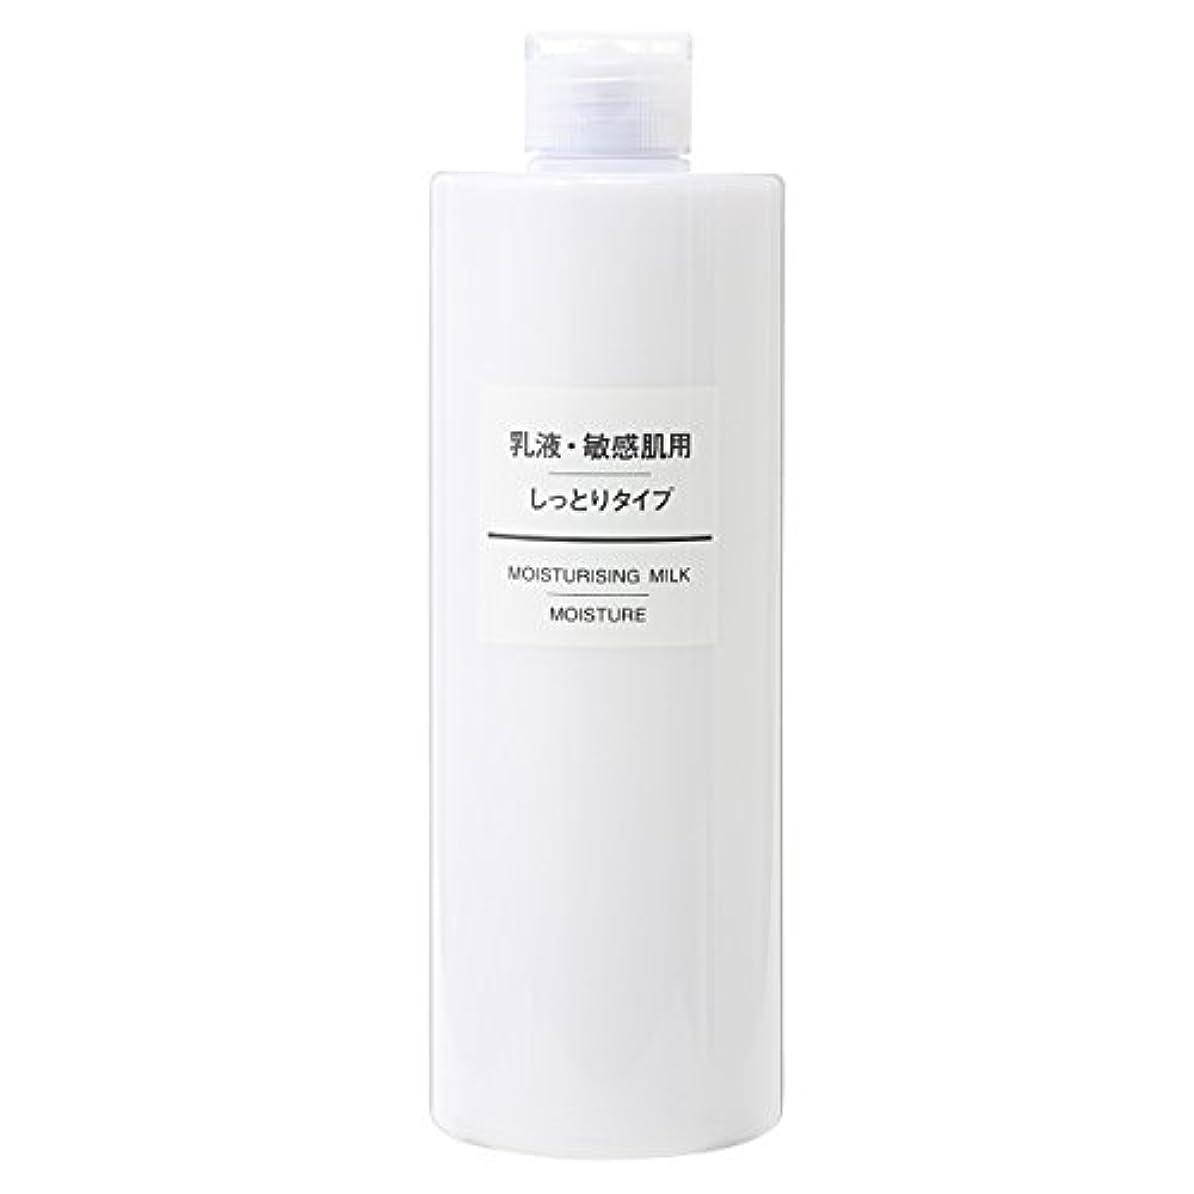 からに変化するフレア気づかない無印良品 乳液 敏感肌用 しっとりタイプ (大容量)400ml